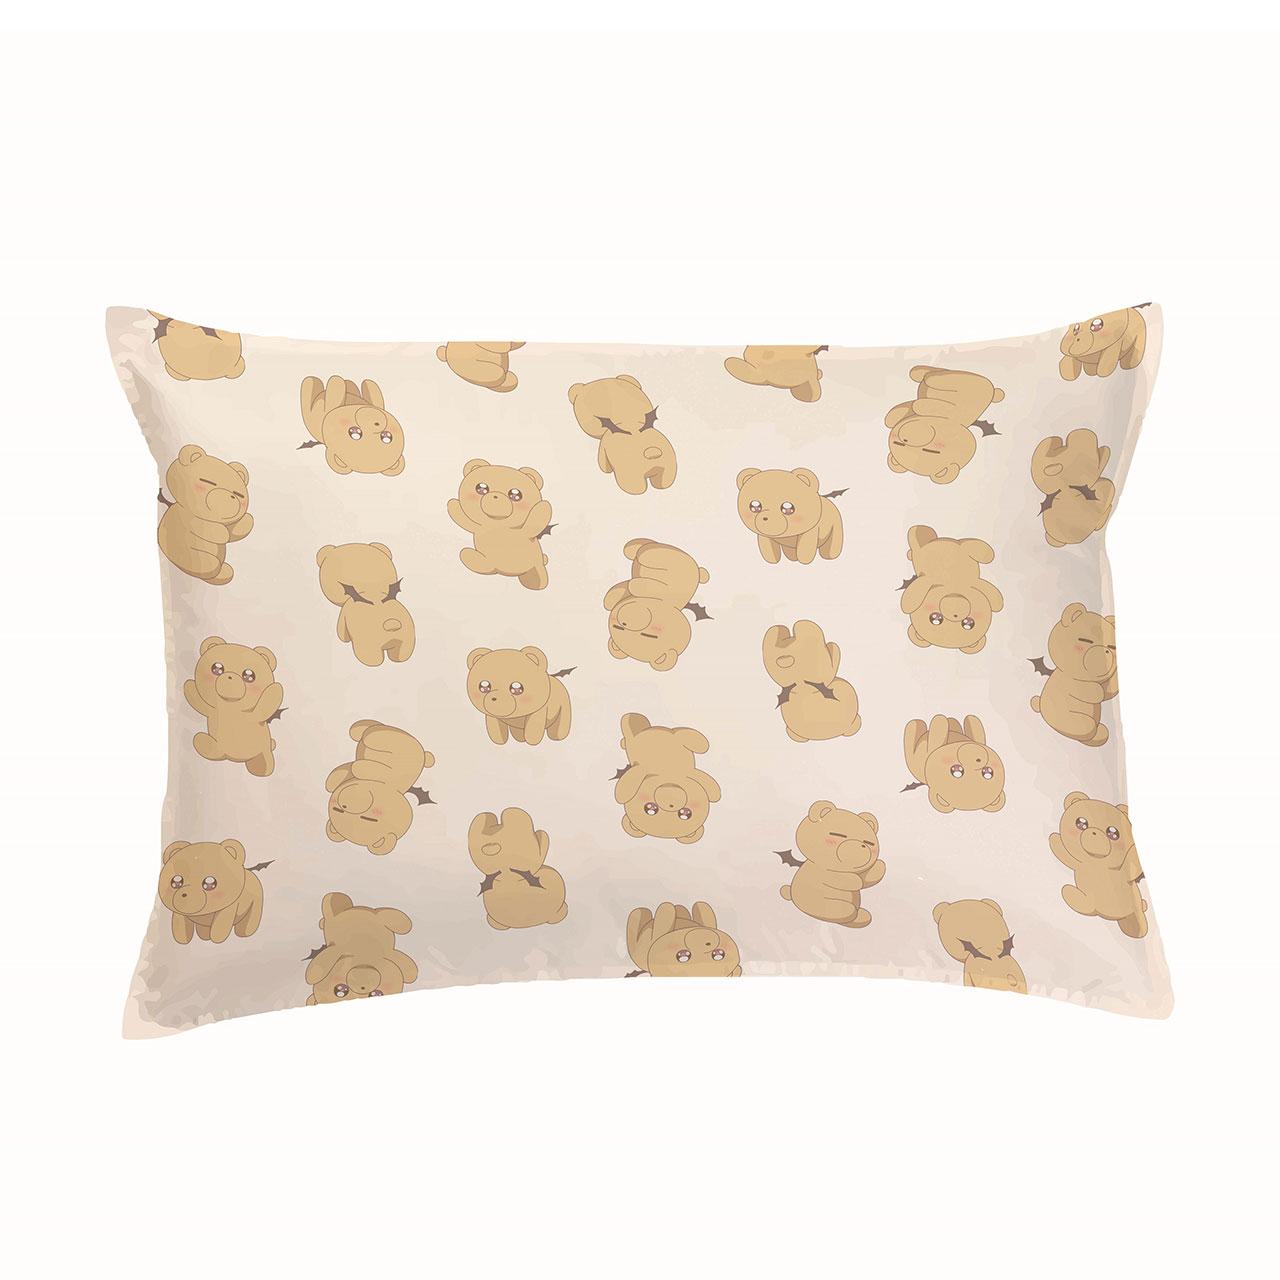 魔王城でおやすみ でびあくま枕カバー